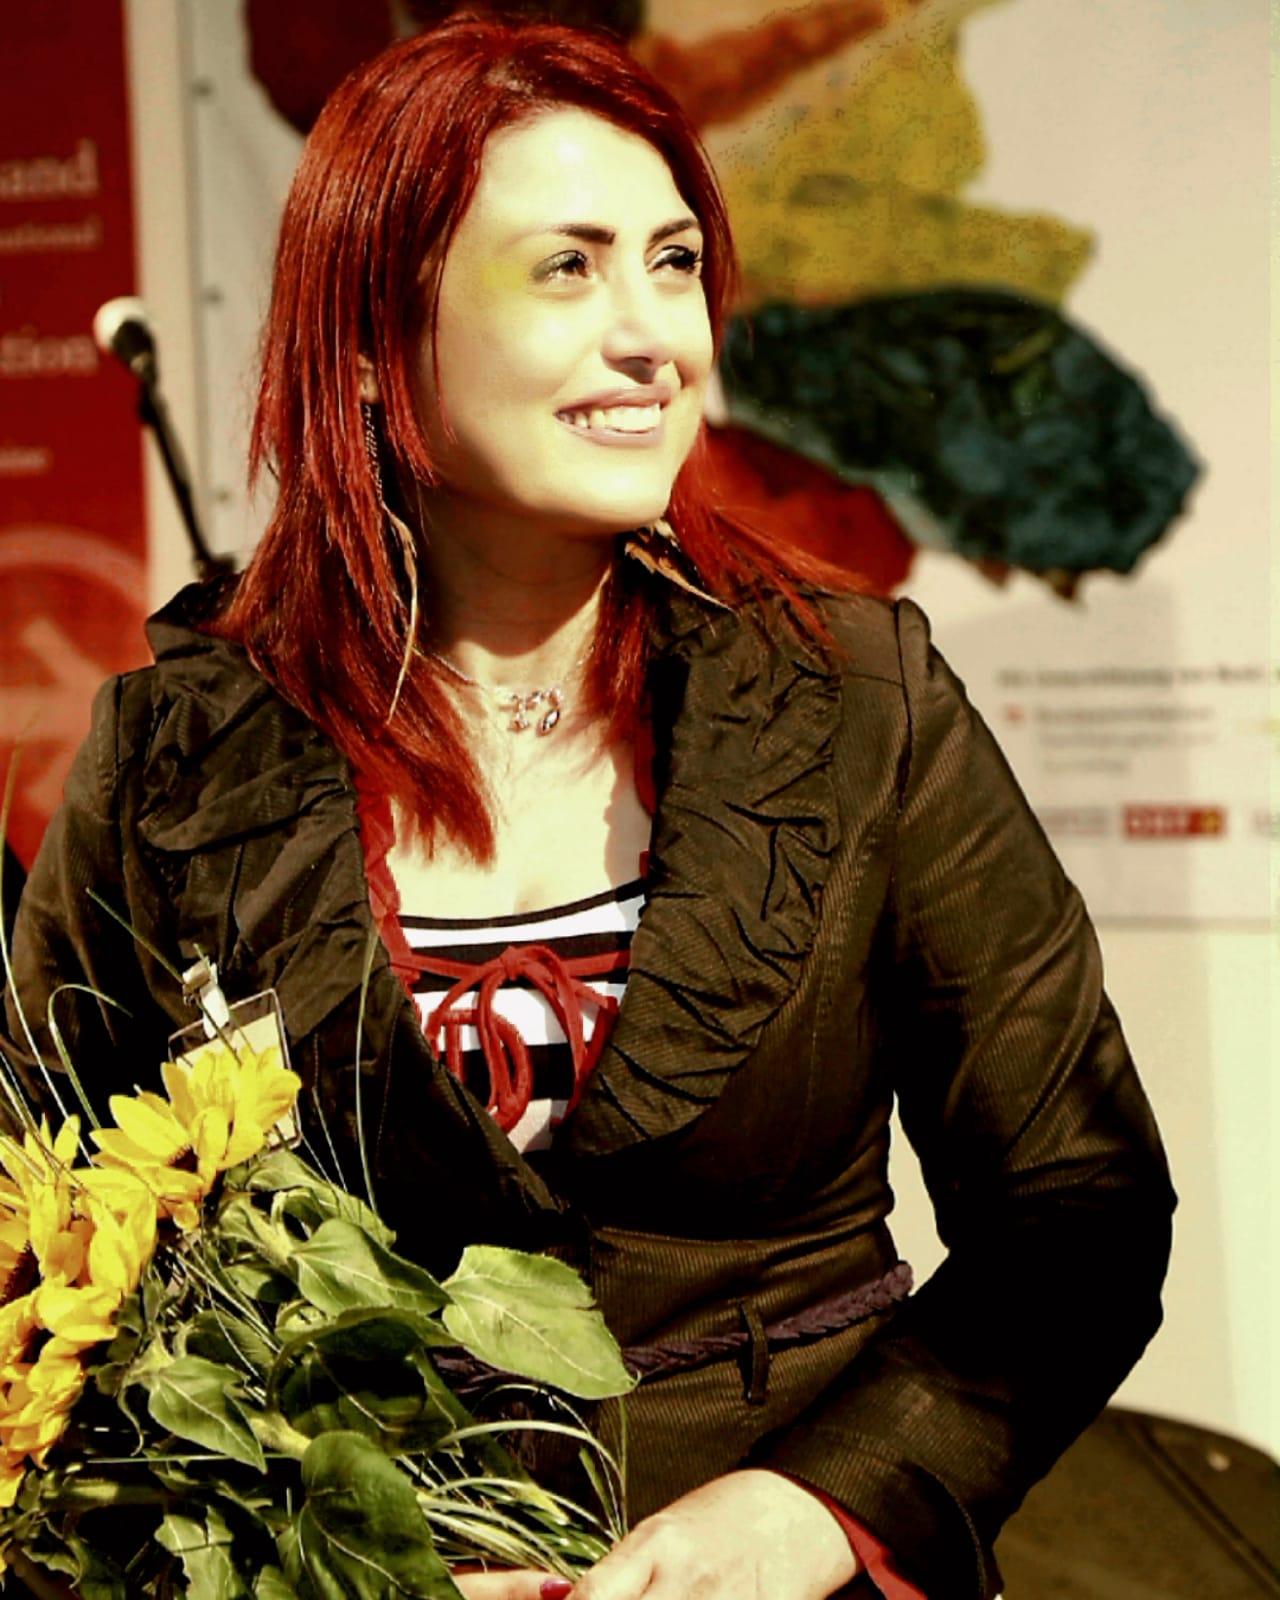 الكاتبة اللبنانية سونيا بوماد